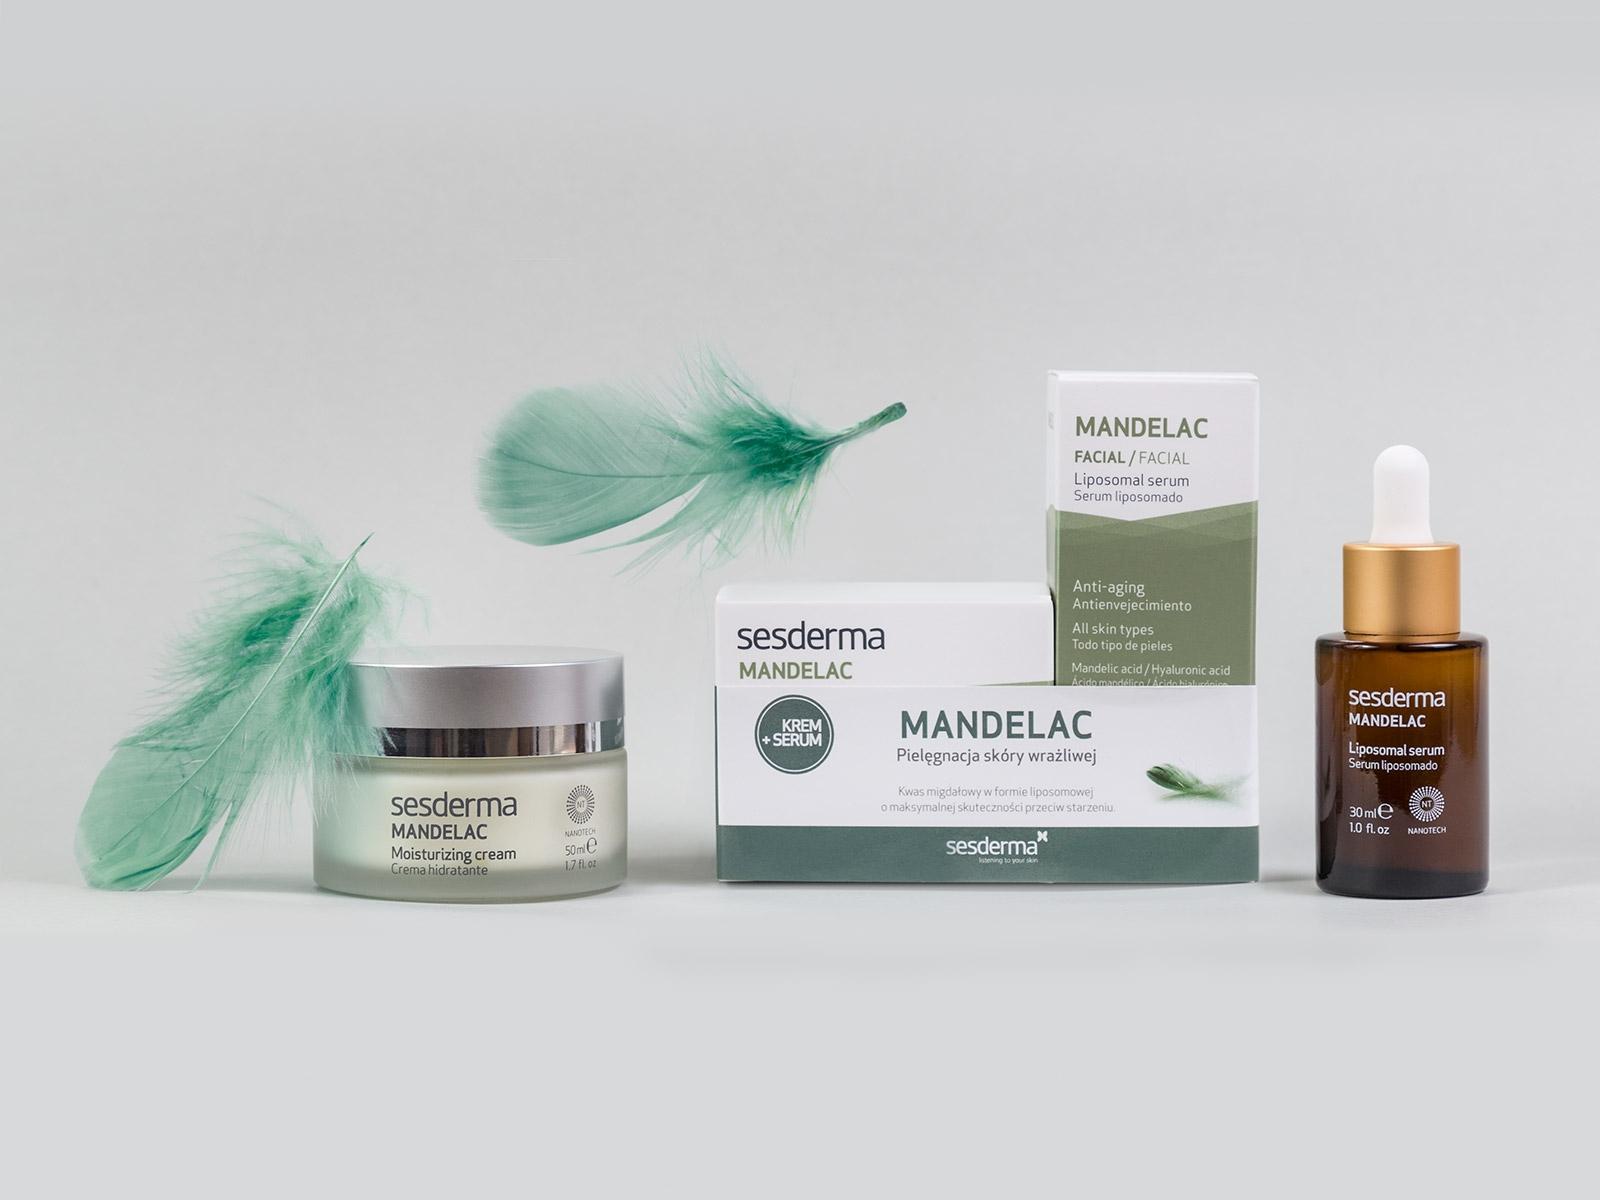 MANDELAC krem + MANDELAC serum 50 ml + 30 ml